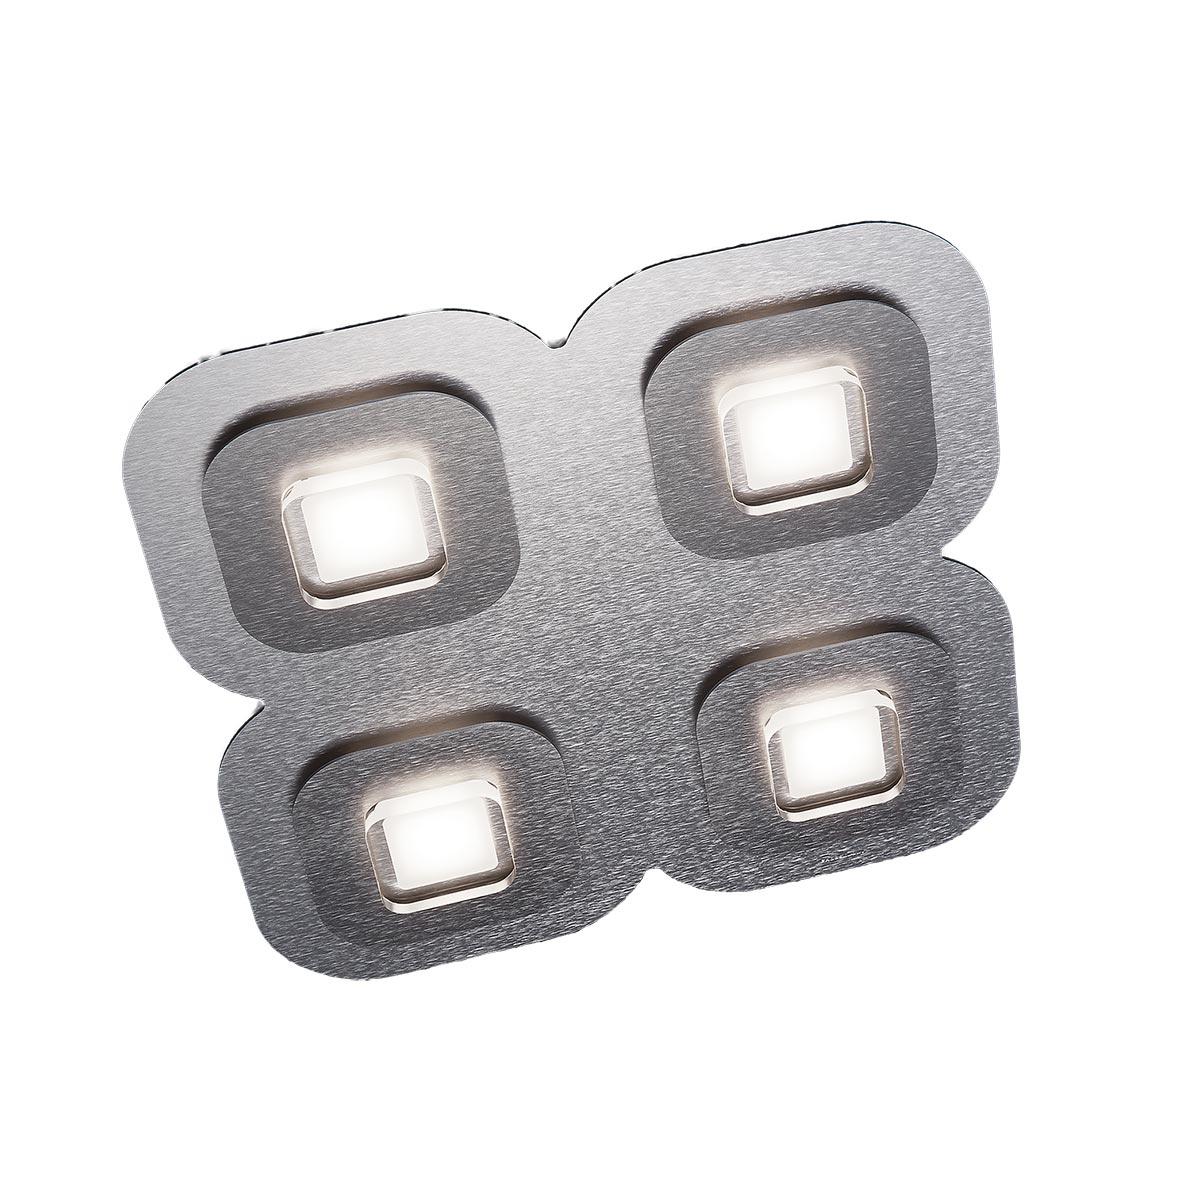 Grossmann Ap LED Deckenleuchte, 4-flg., quadratisch 75-821-072